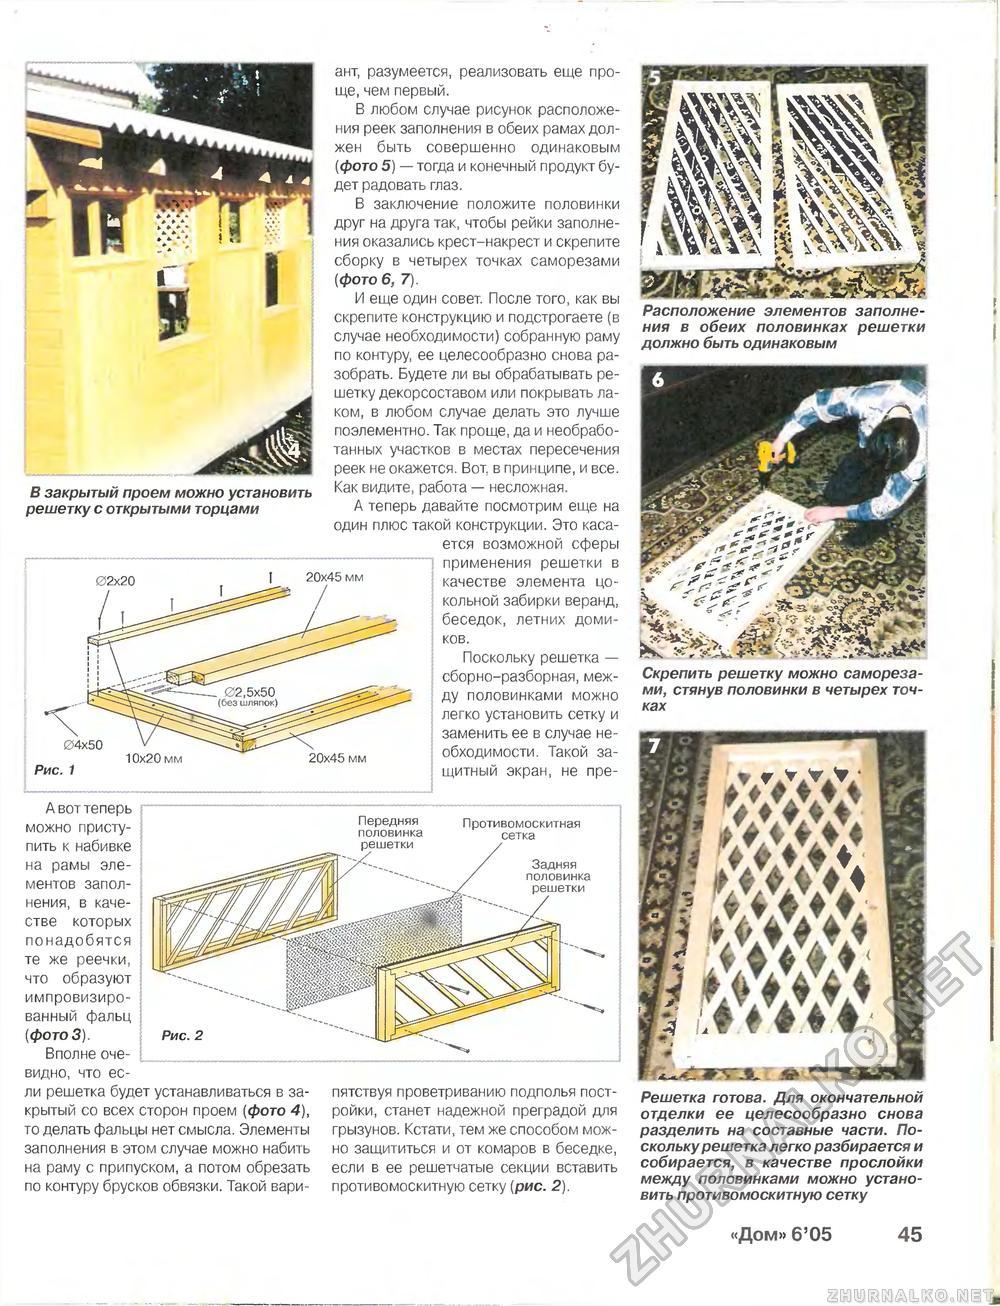 Деревянная решетка своими руками: мастер-класс с пошаговыми фотографиями 16